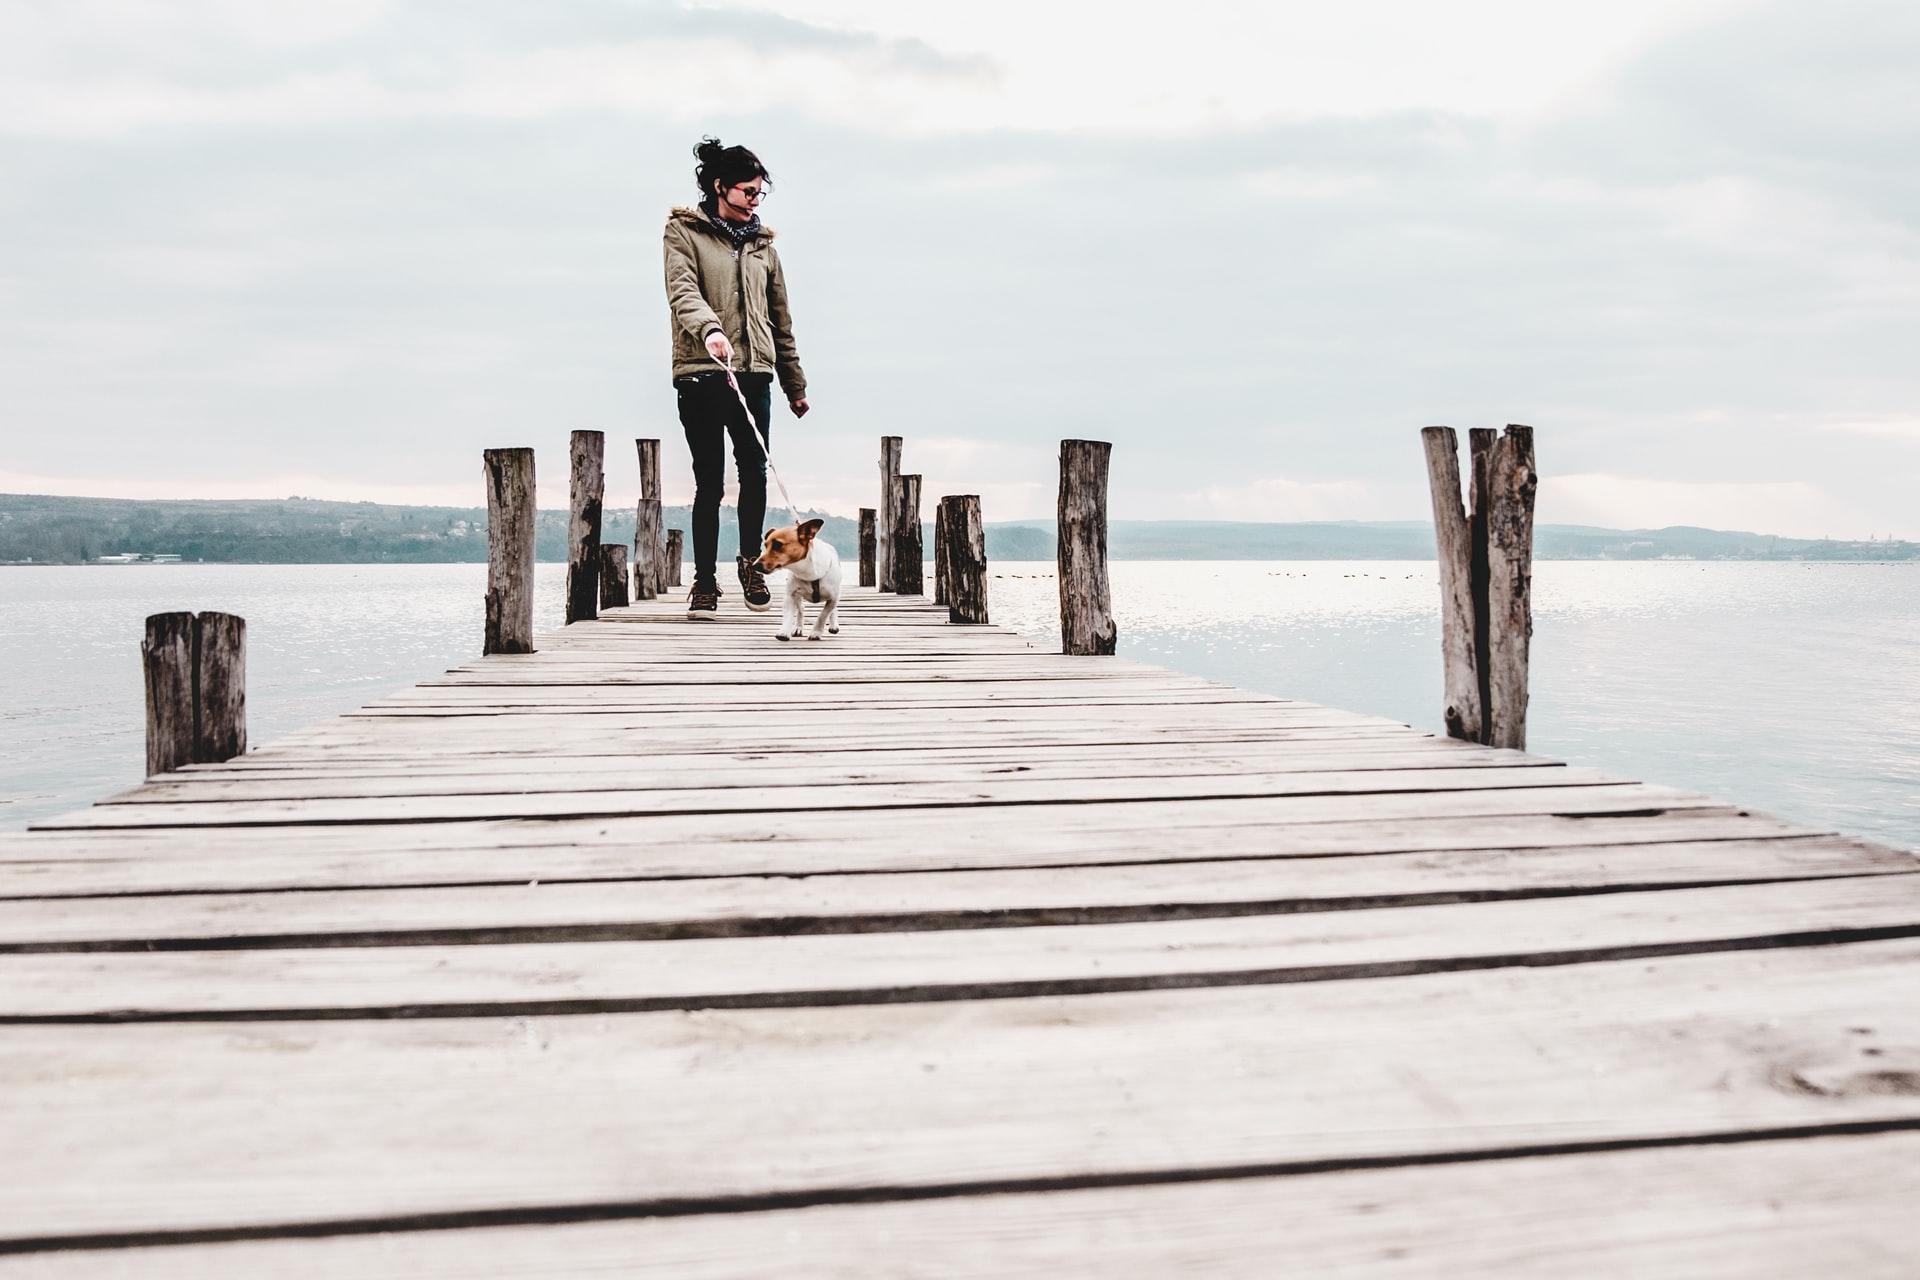 rapariga no pontão a passear um cão